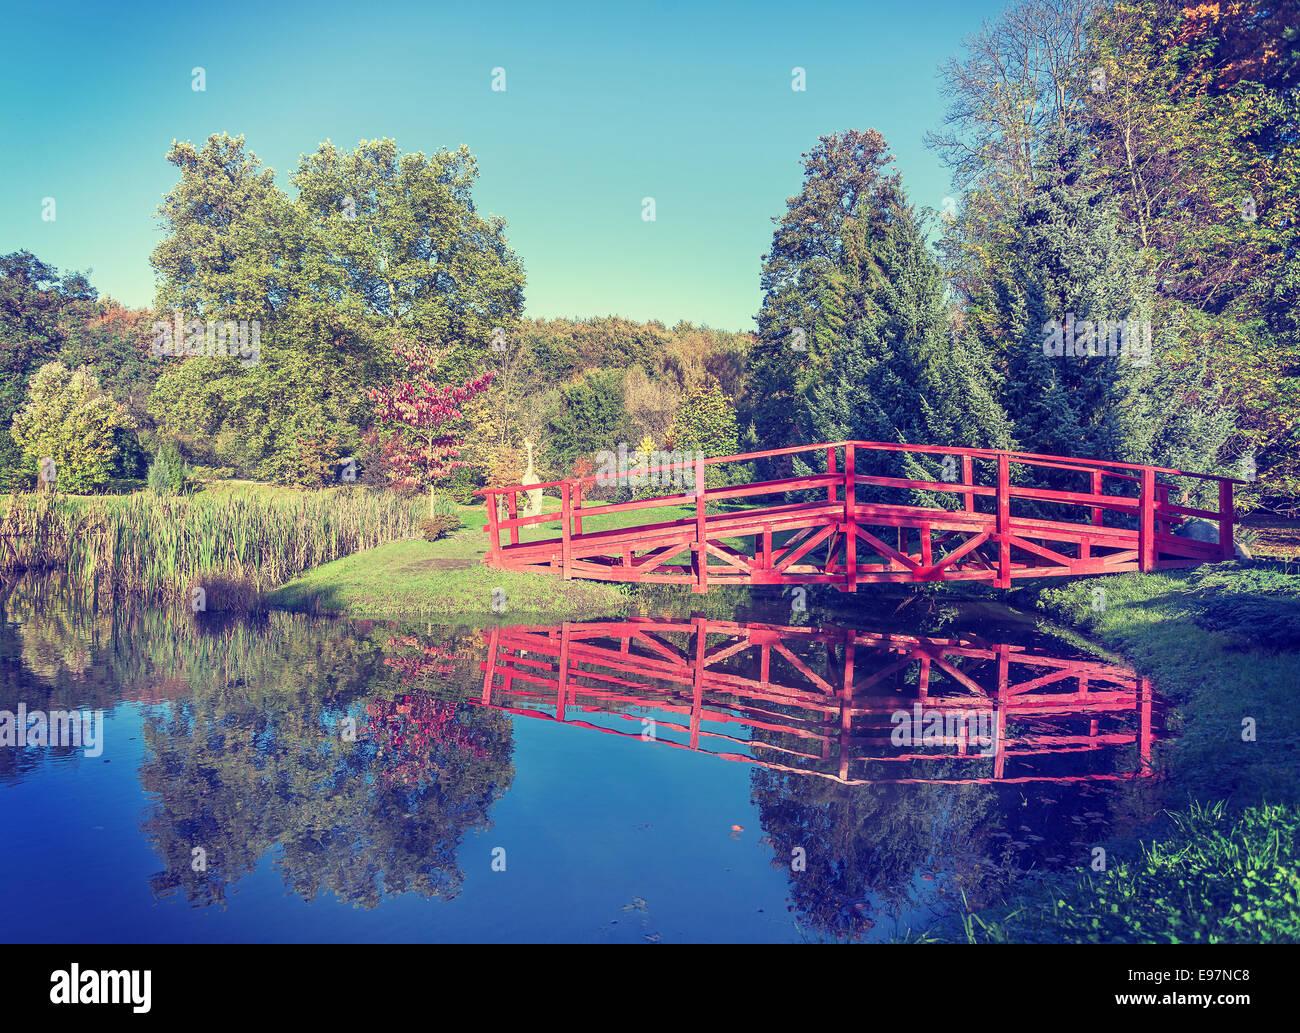 Vintage retrò immagine filtrata di ponte rosso di giardino. Immagini Stock